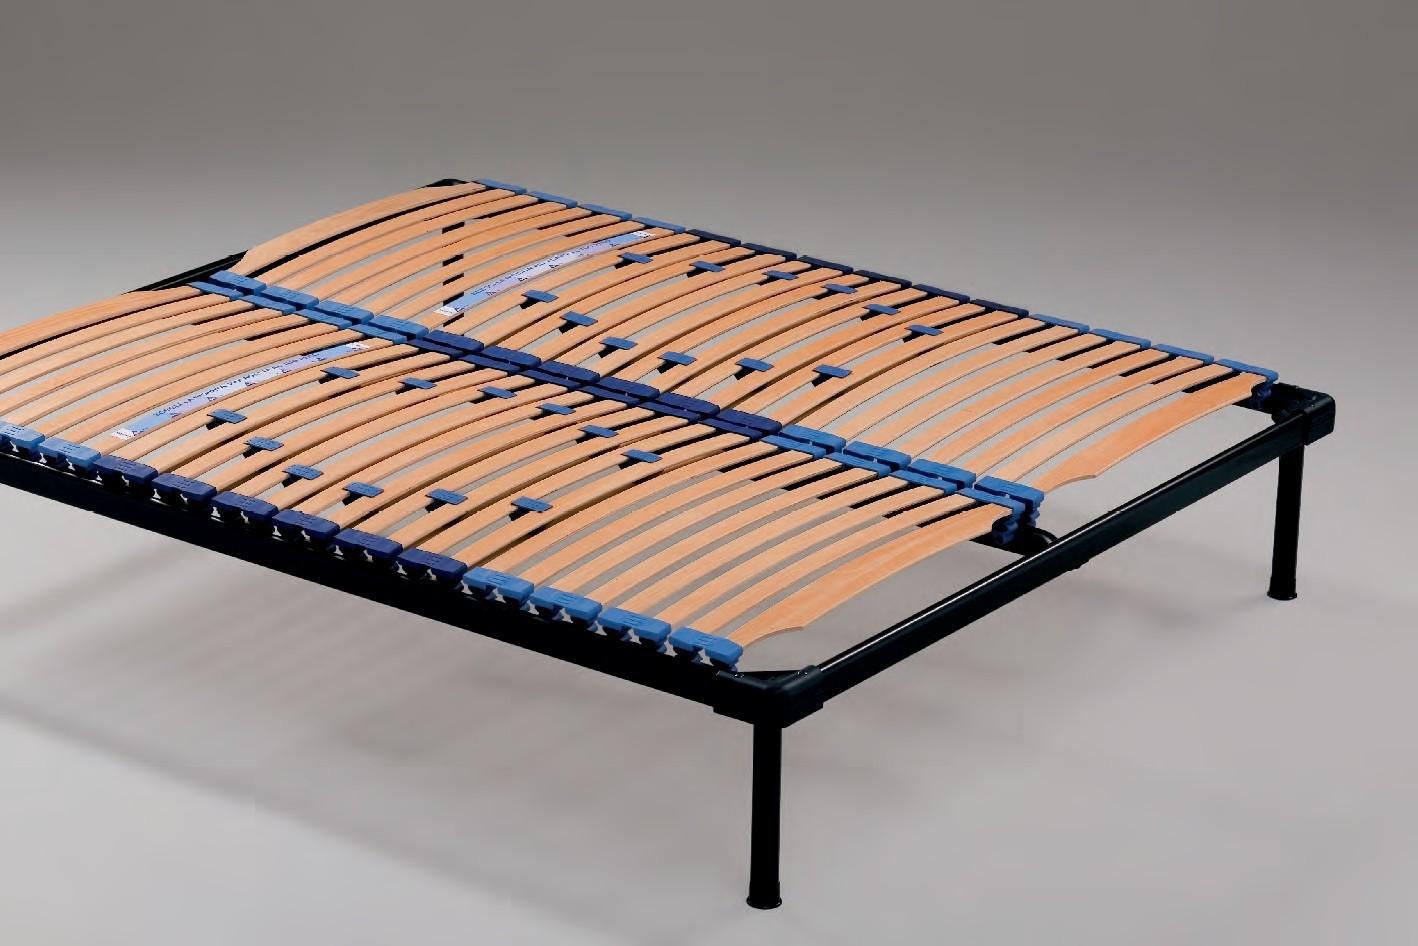 Что такое ламели для кровати: зачем они нужны, их преимущества и размеры.